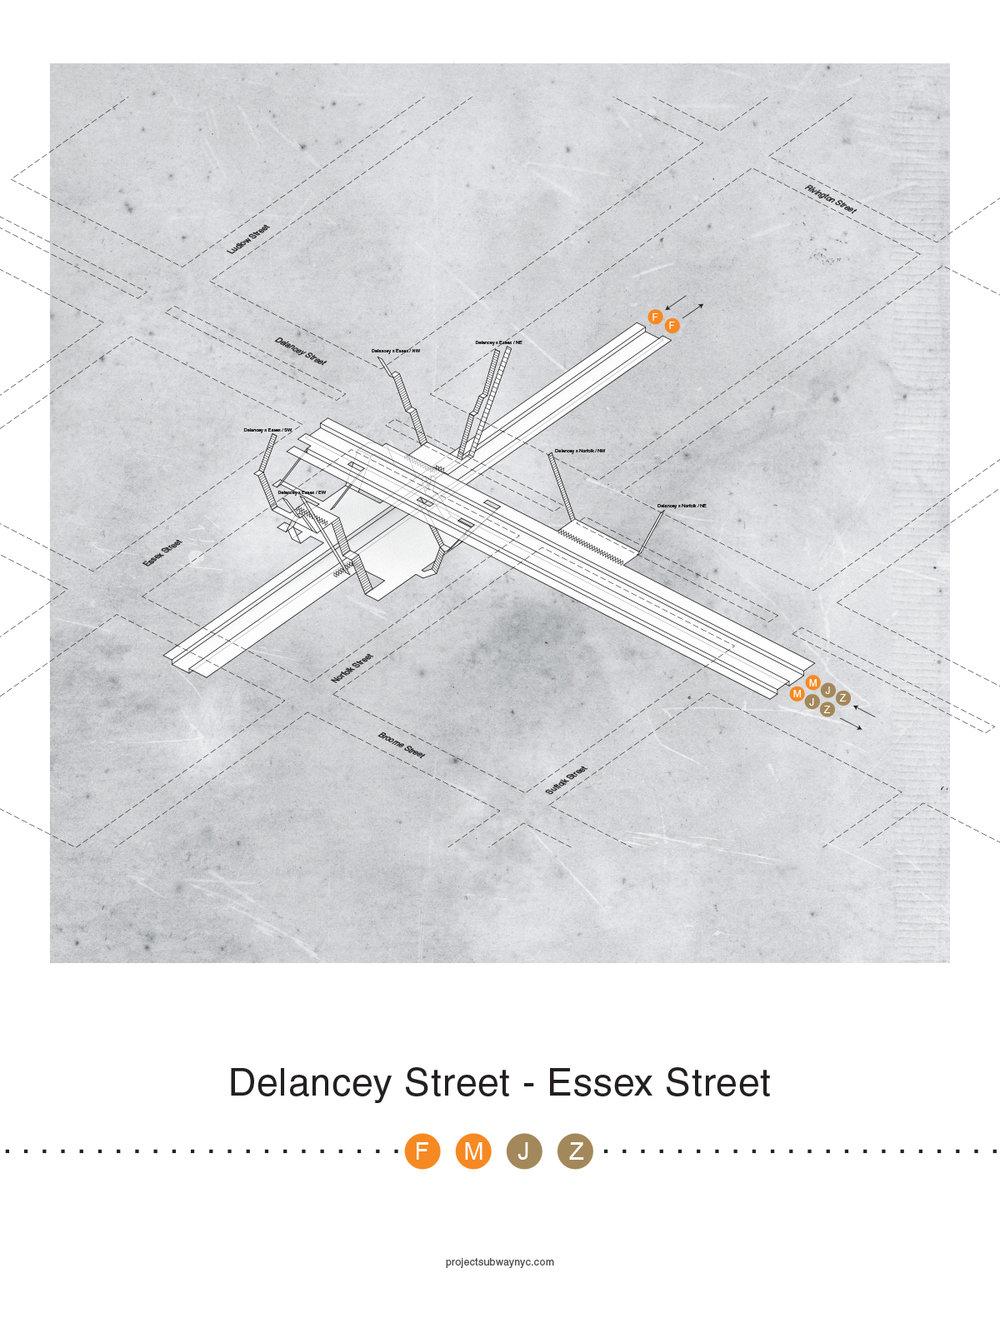 Delancey - Essex